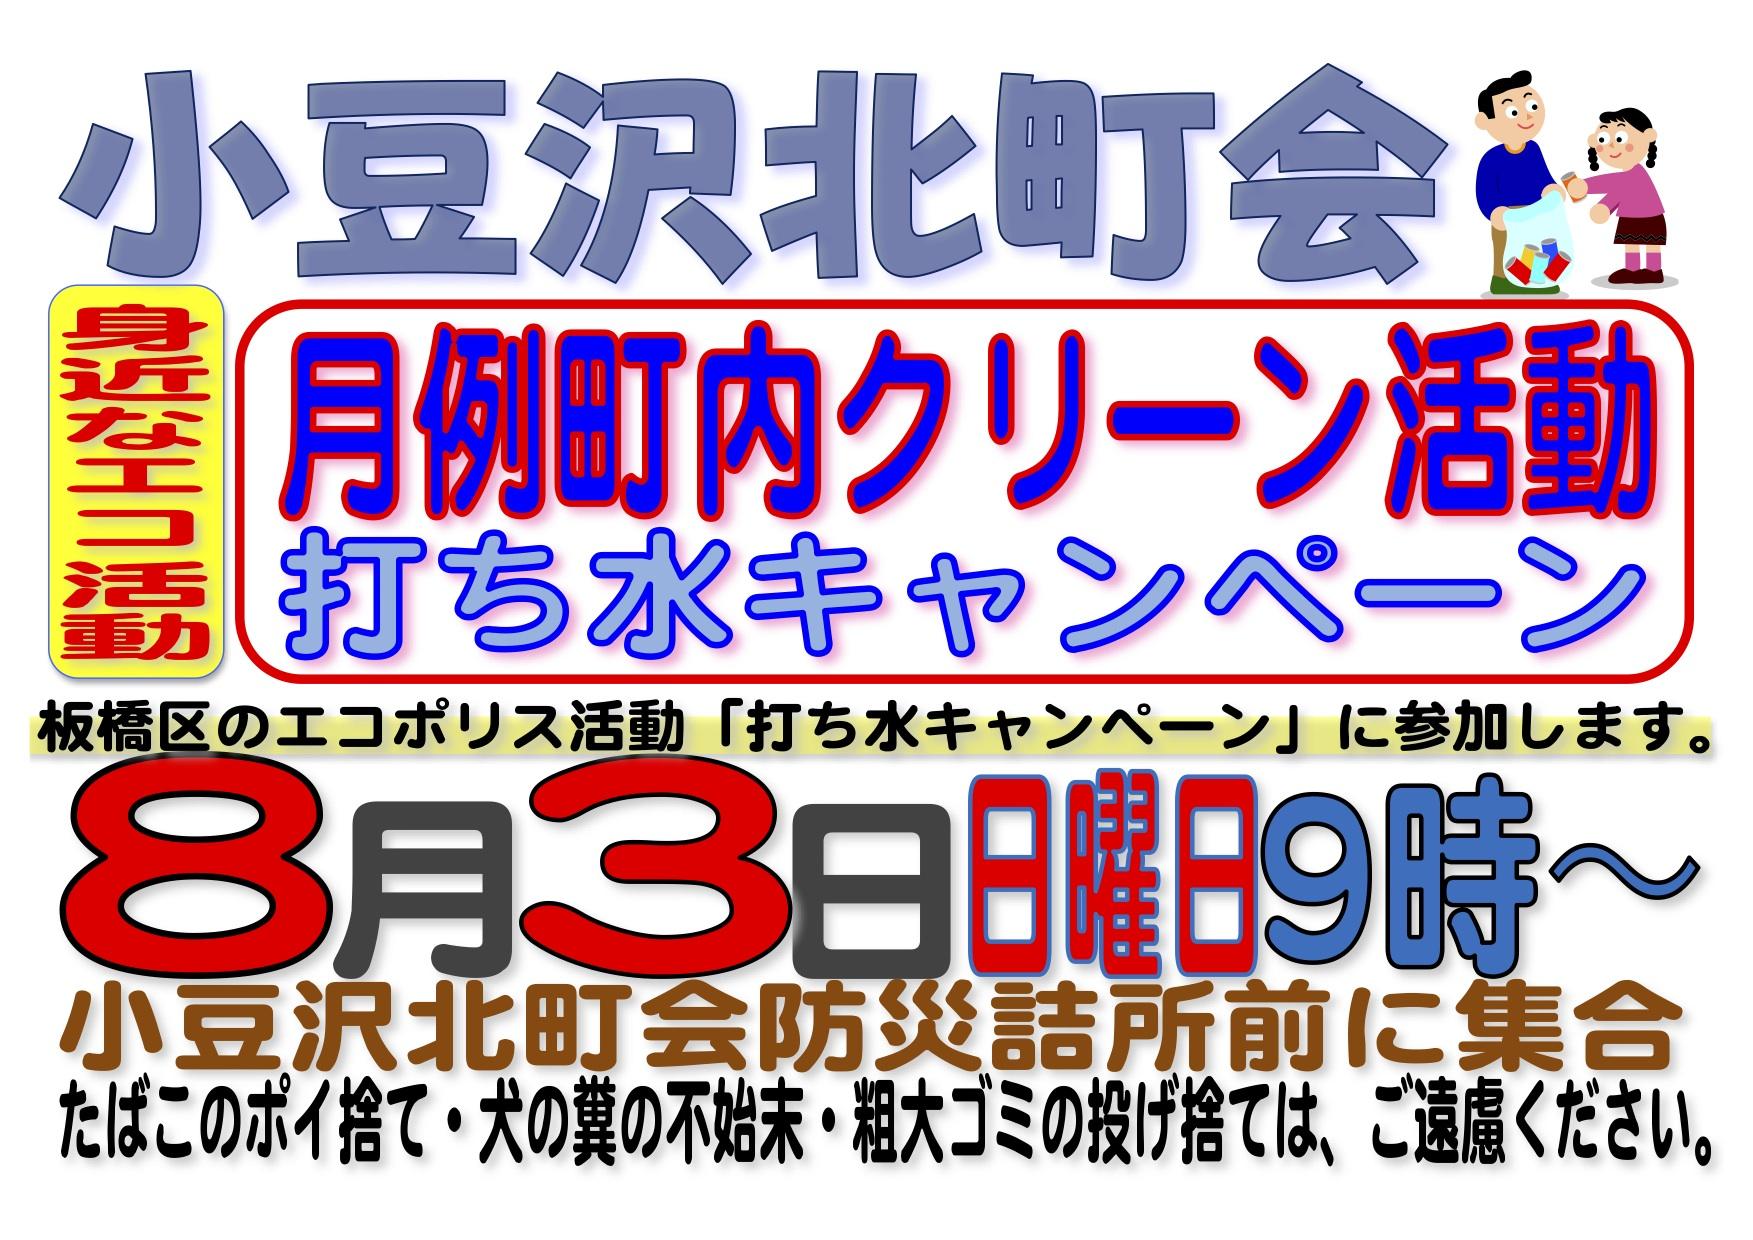 2014年8月3日(日)月例クリーン活動&打ち水キャンペーン